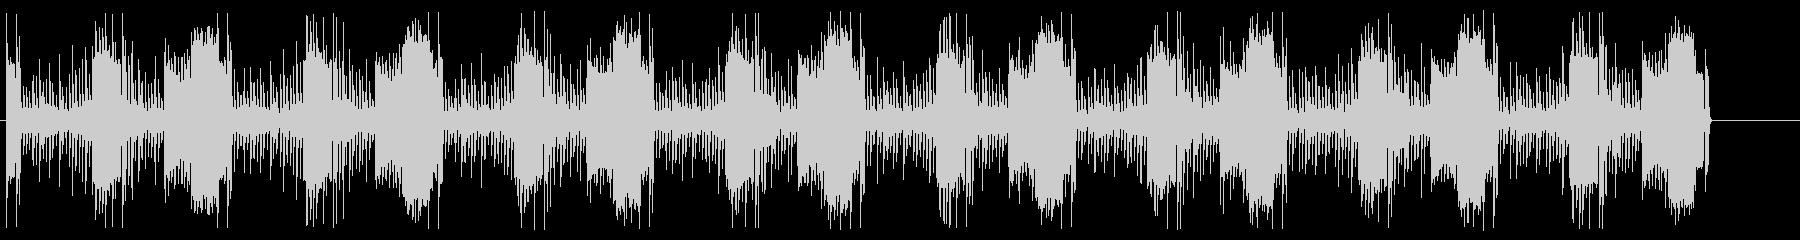 ドラムとベースとシンセ 緊迫ループBGMの未再生の波形